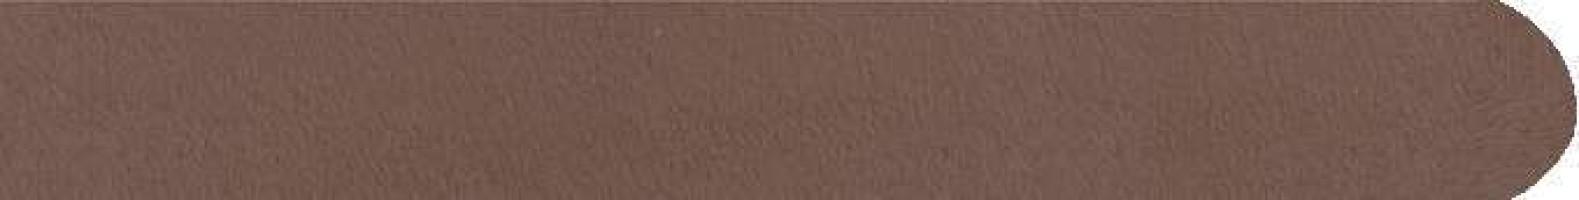 Боковина ступени левая Venatto Texture Tapa Escalera Izda Grain Tropico 3.9x34.3